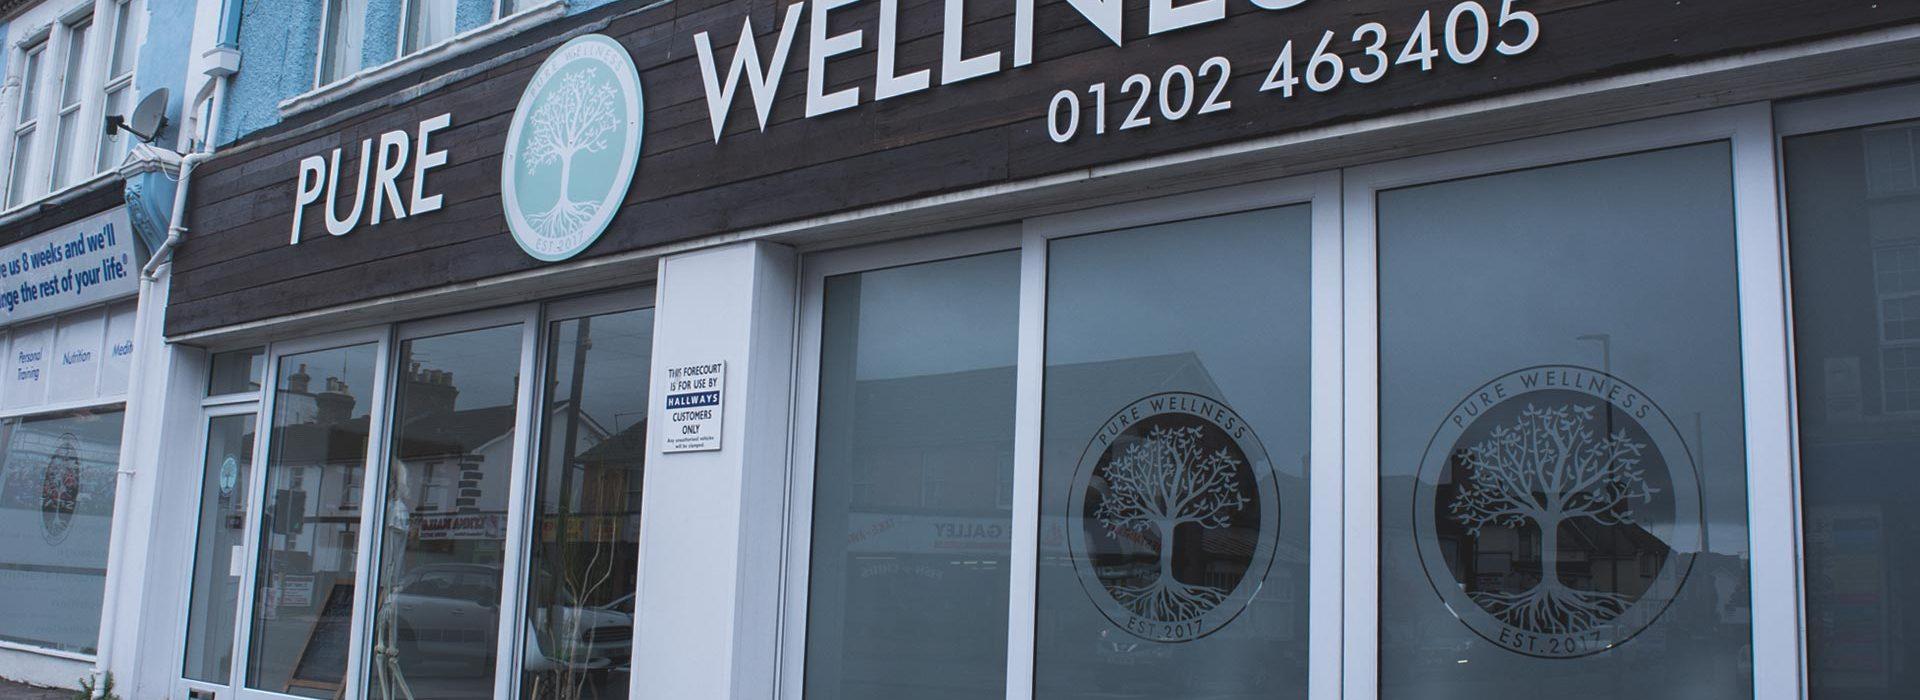 Portfolio - Pure Wellness - Shop Sign